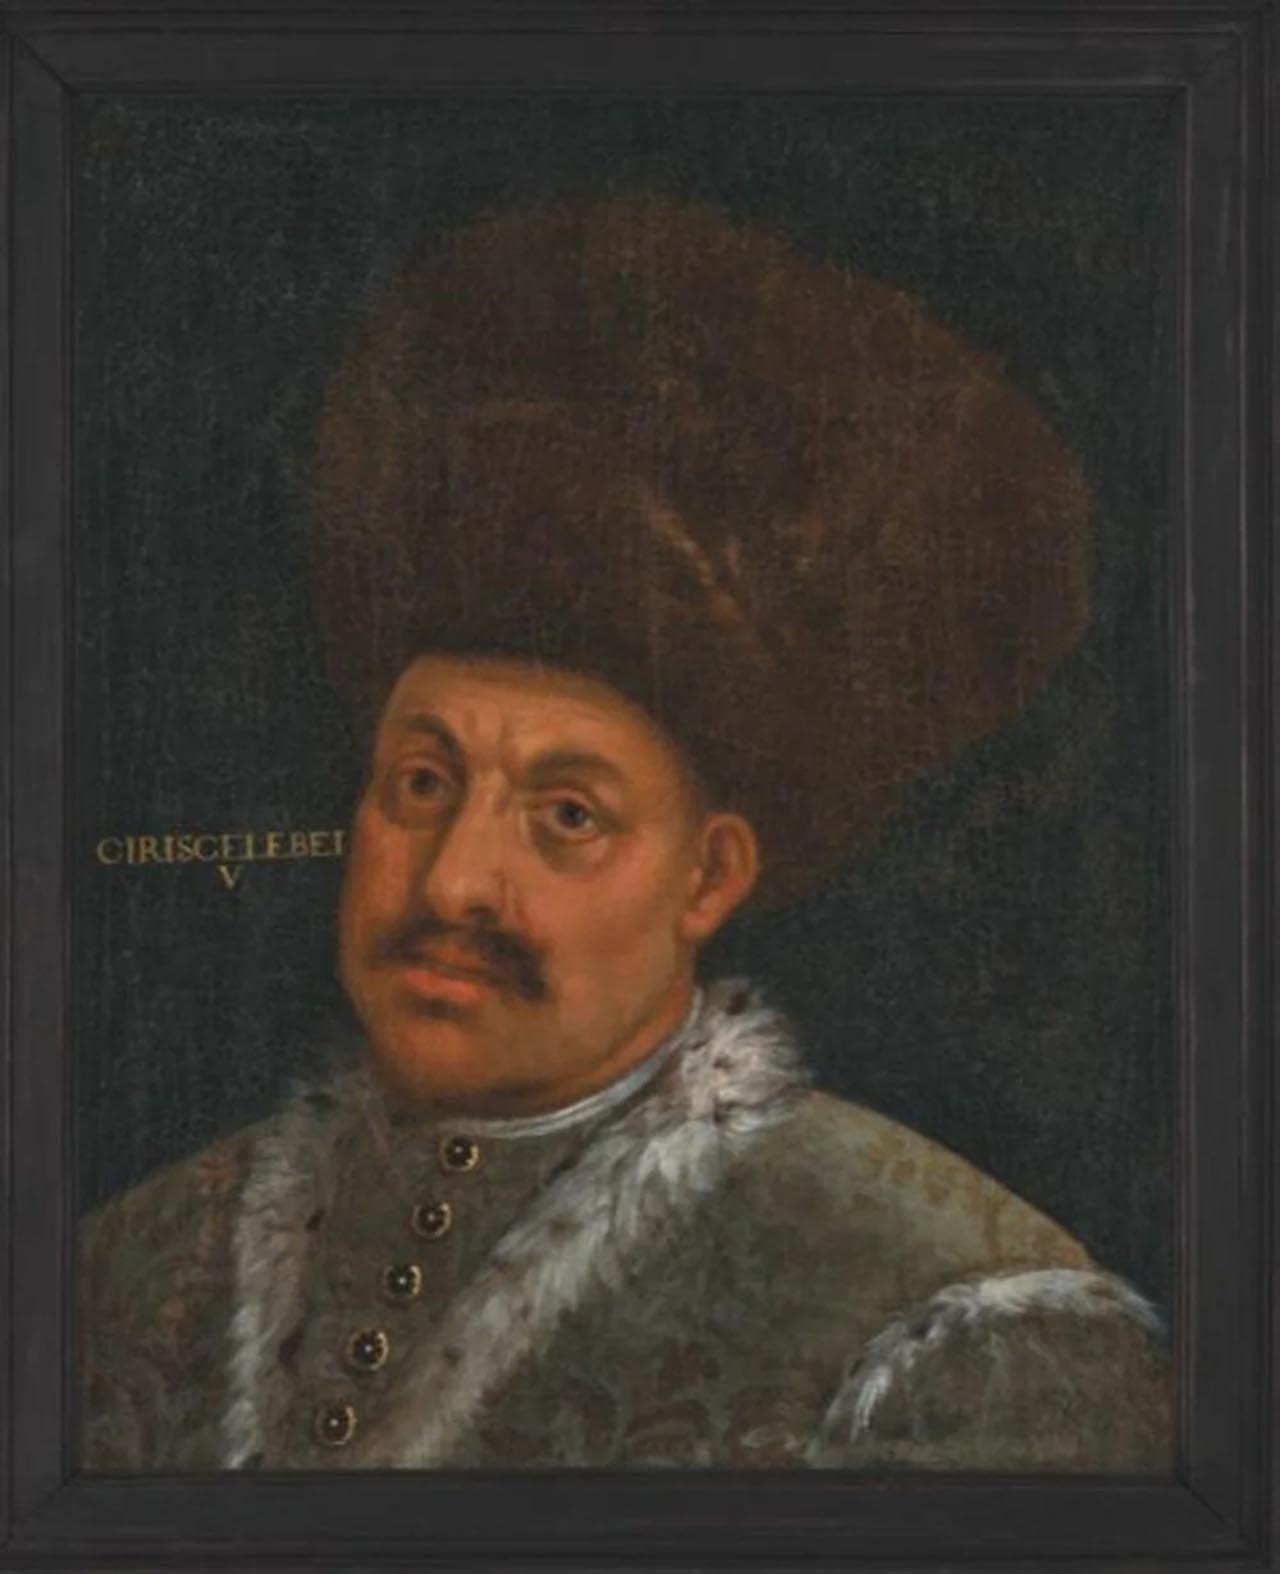 Osmanlı padişahlarının portreleri açık artırmayla satılacak - Resim: 4